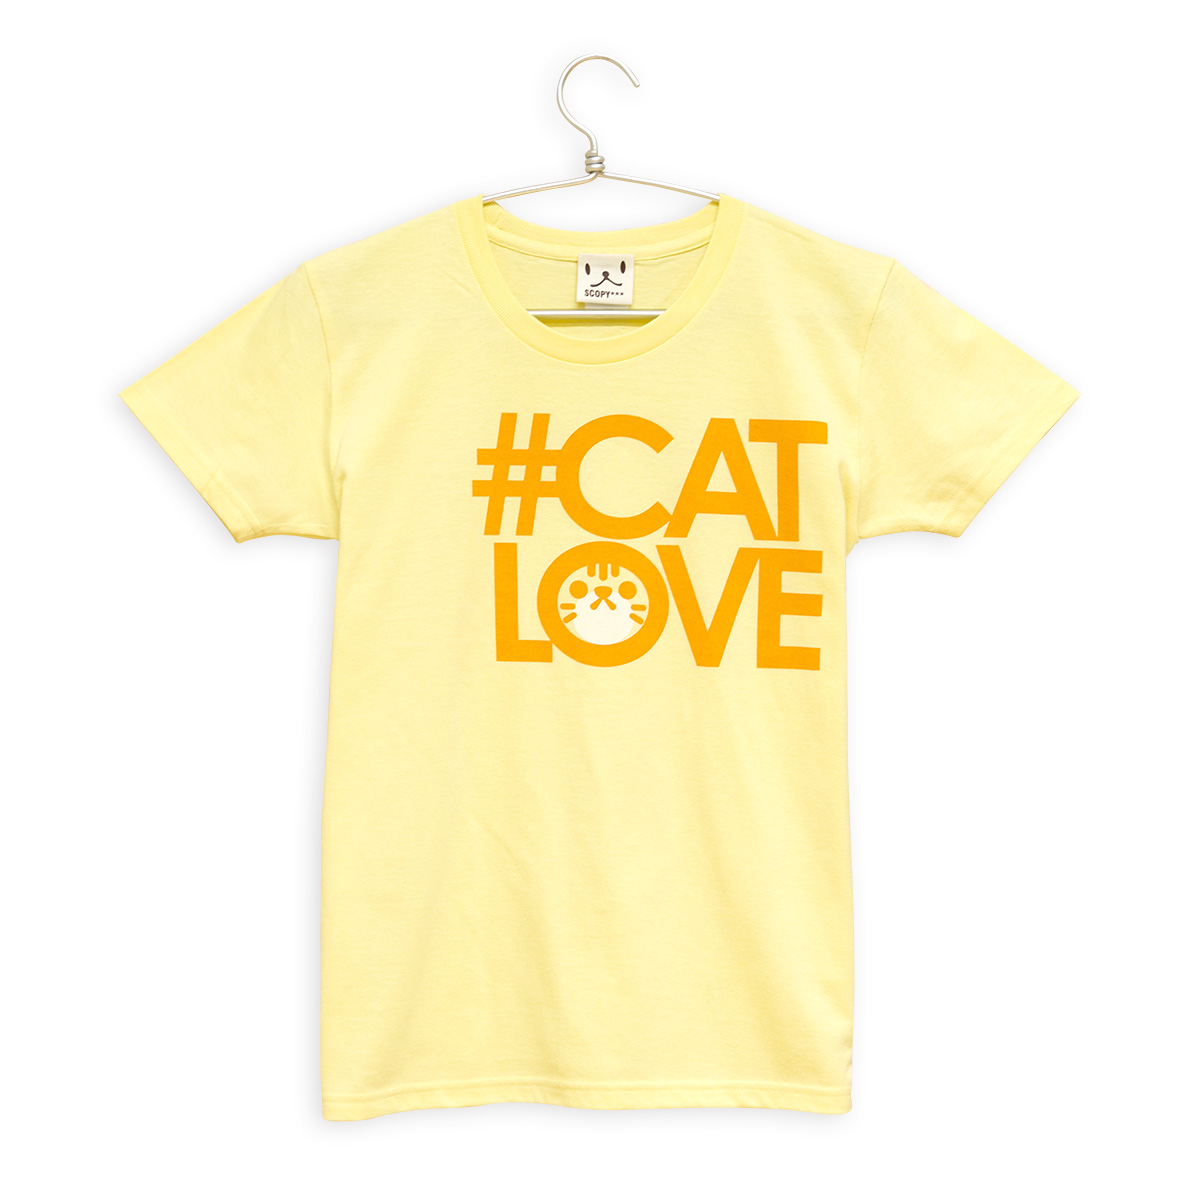 レディースTシャツ #CATLOVE チャトラ